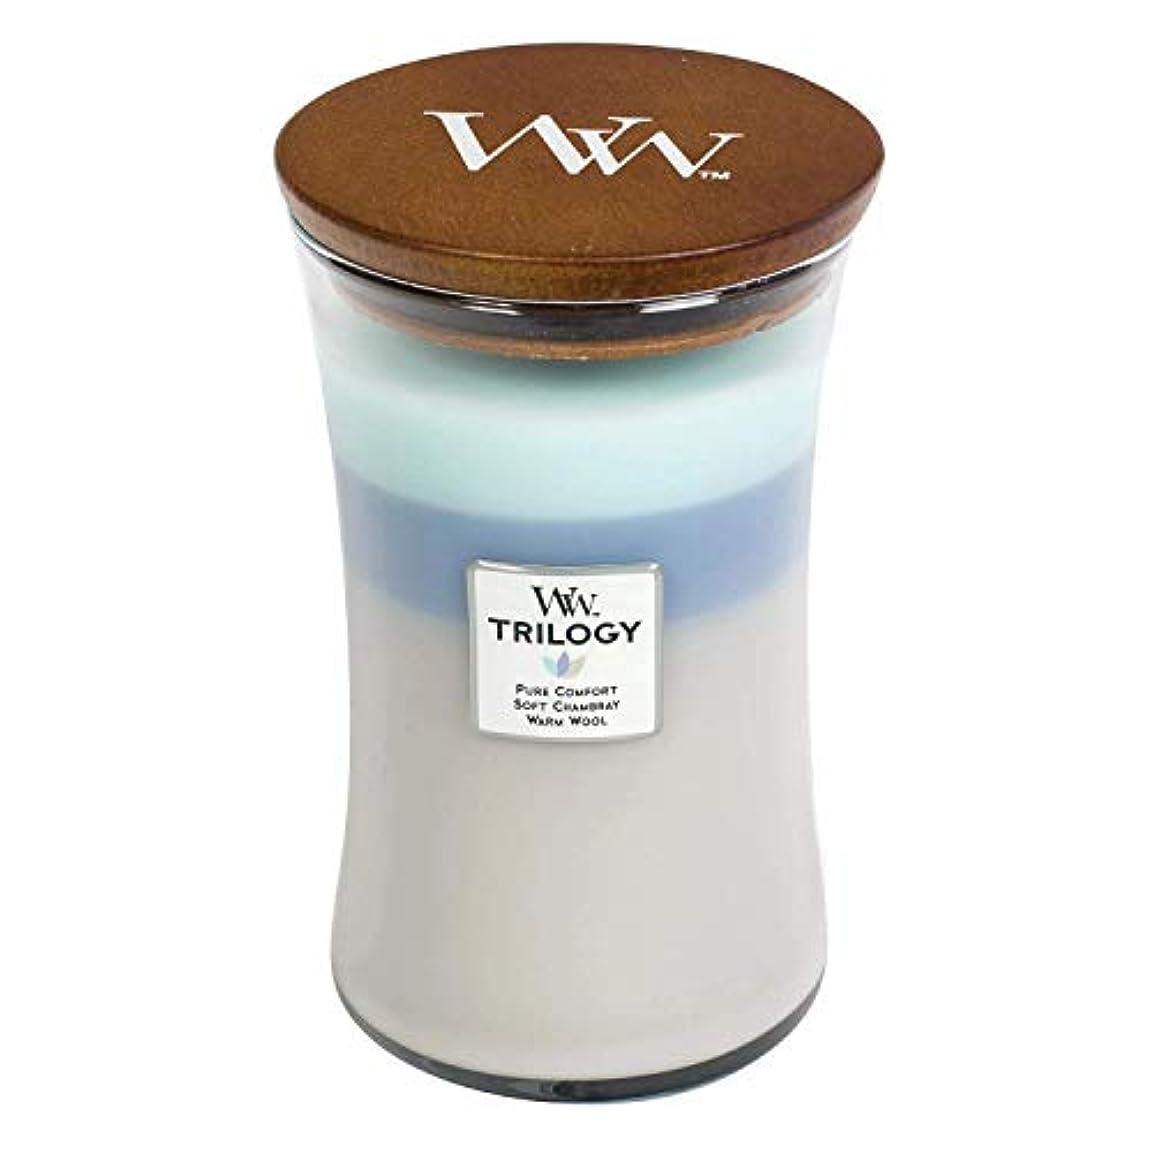 レーニン主義情熱ライオネルグリーンストリートWoven Comforts WoodWick Trilogy 22オンス香りつきJarキャンドル – 3 in 1つ